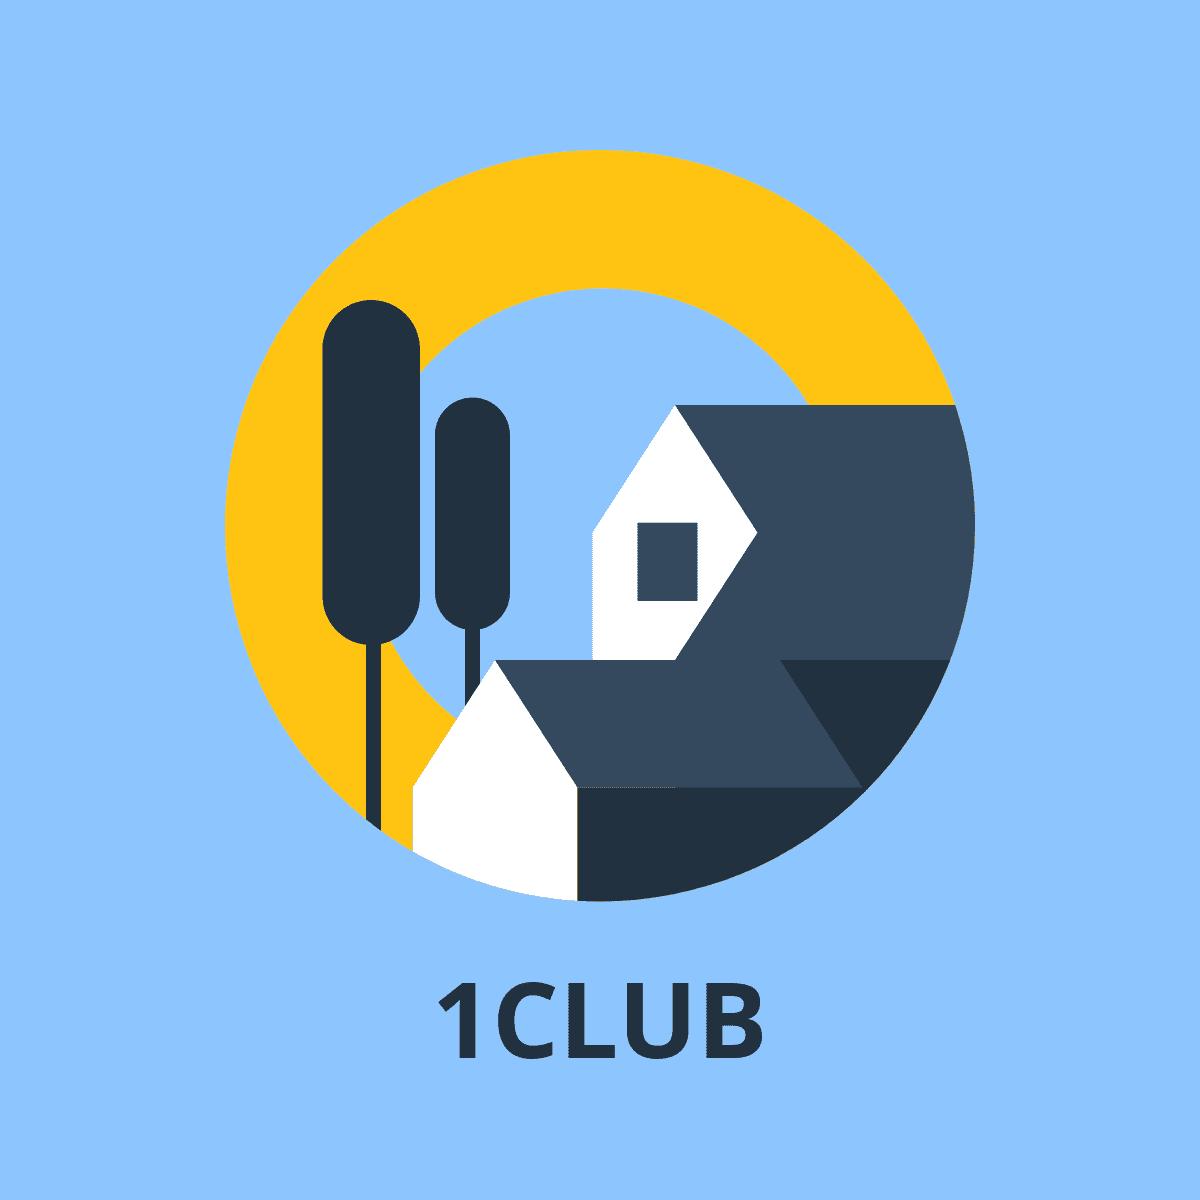 Логотип делового клуба фото f_8035f8712b48f6b2.png